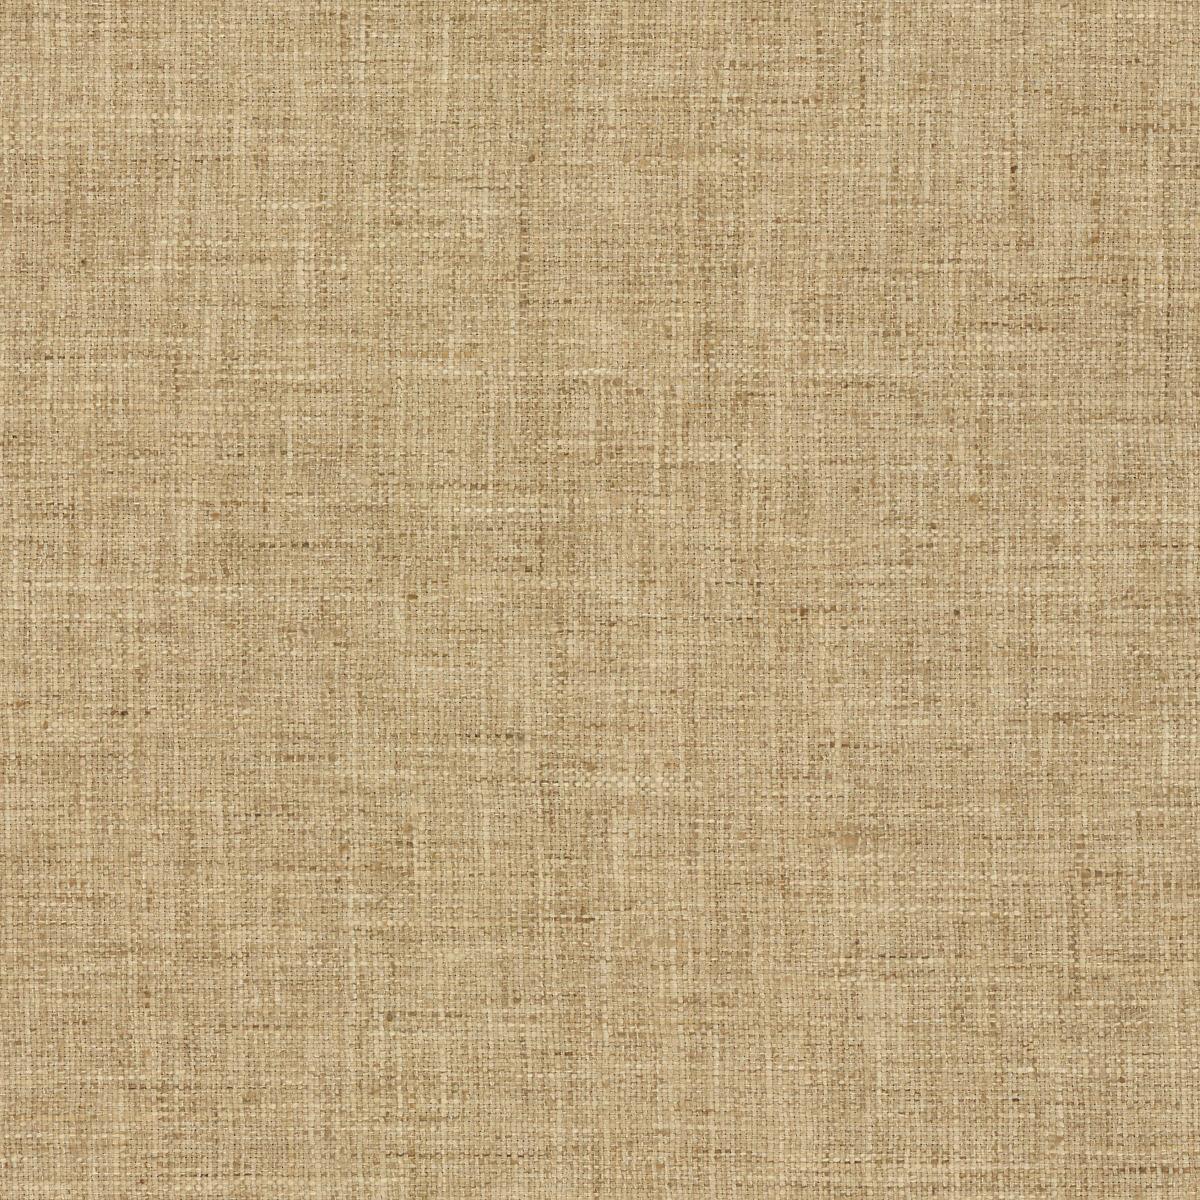 Greylock Natural Indoor/Outdoor Fabric